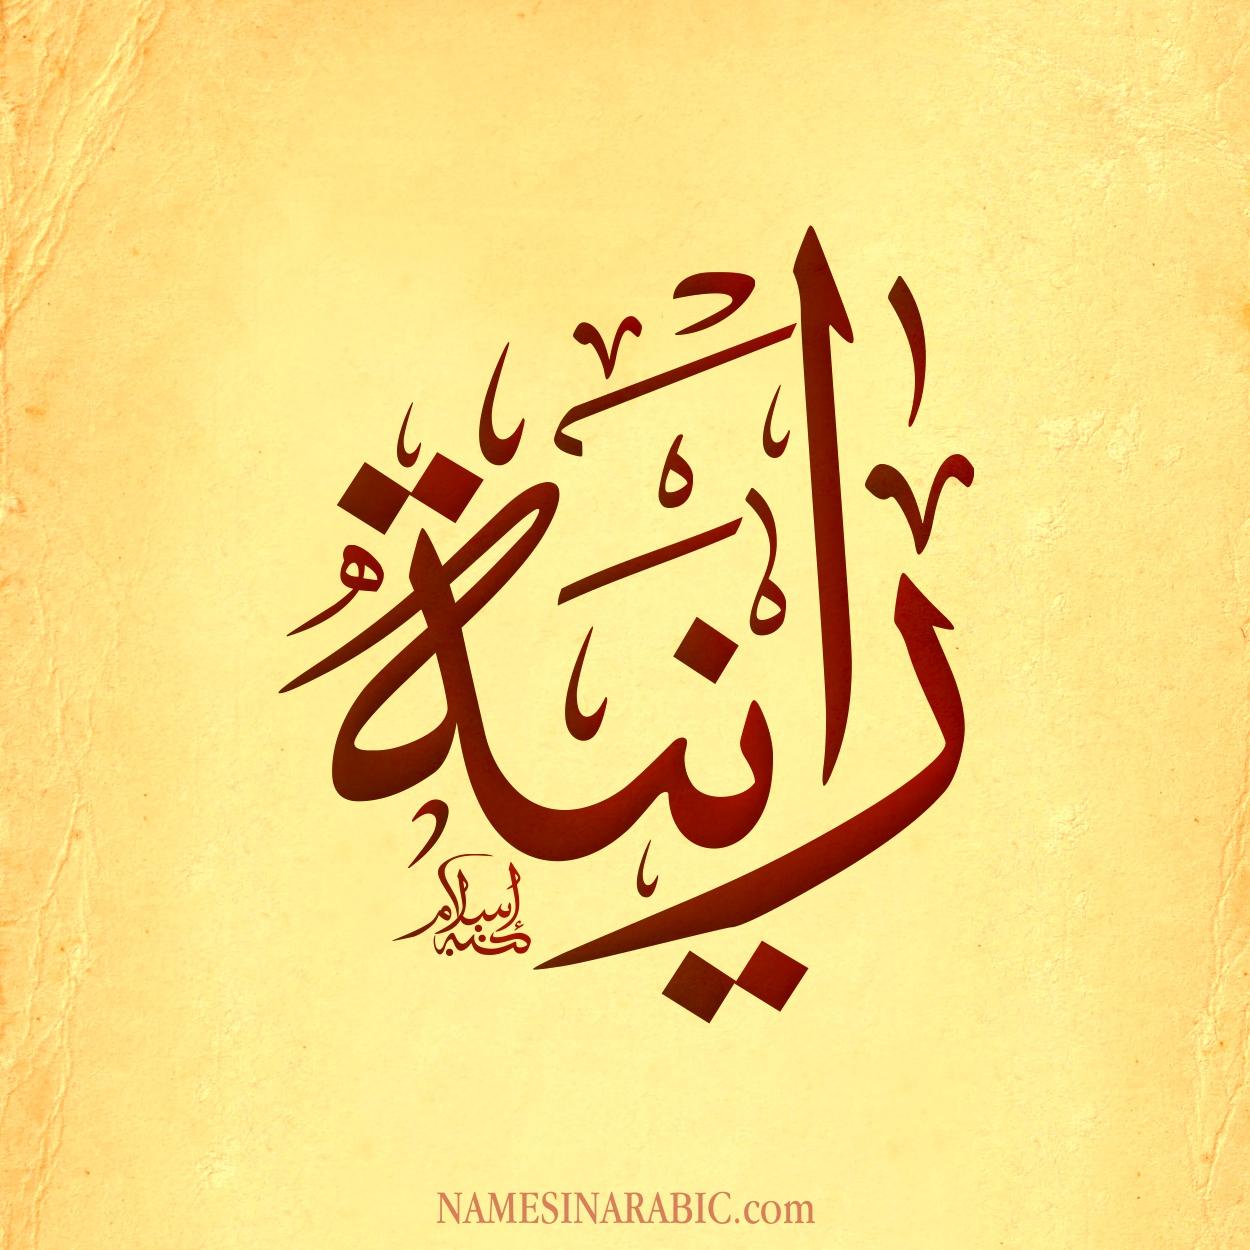 معني اسم رانيه تعرف على معنى هذا الاسم و الفرق بينها و بين اسم رانيا حنين الذكريات